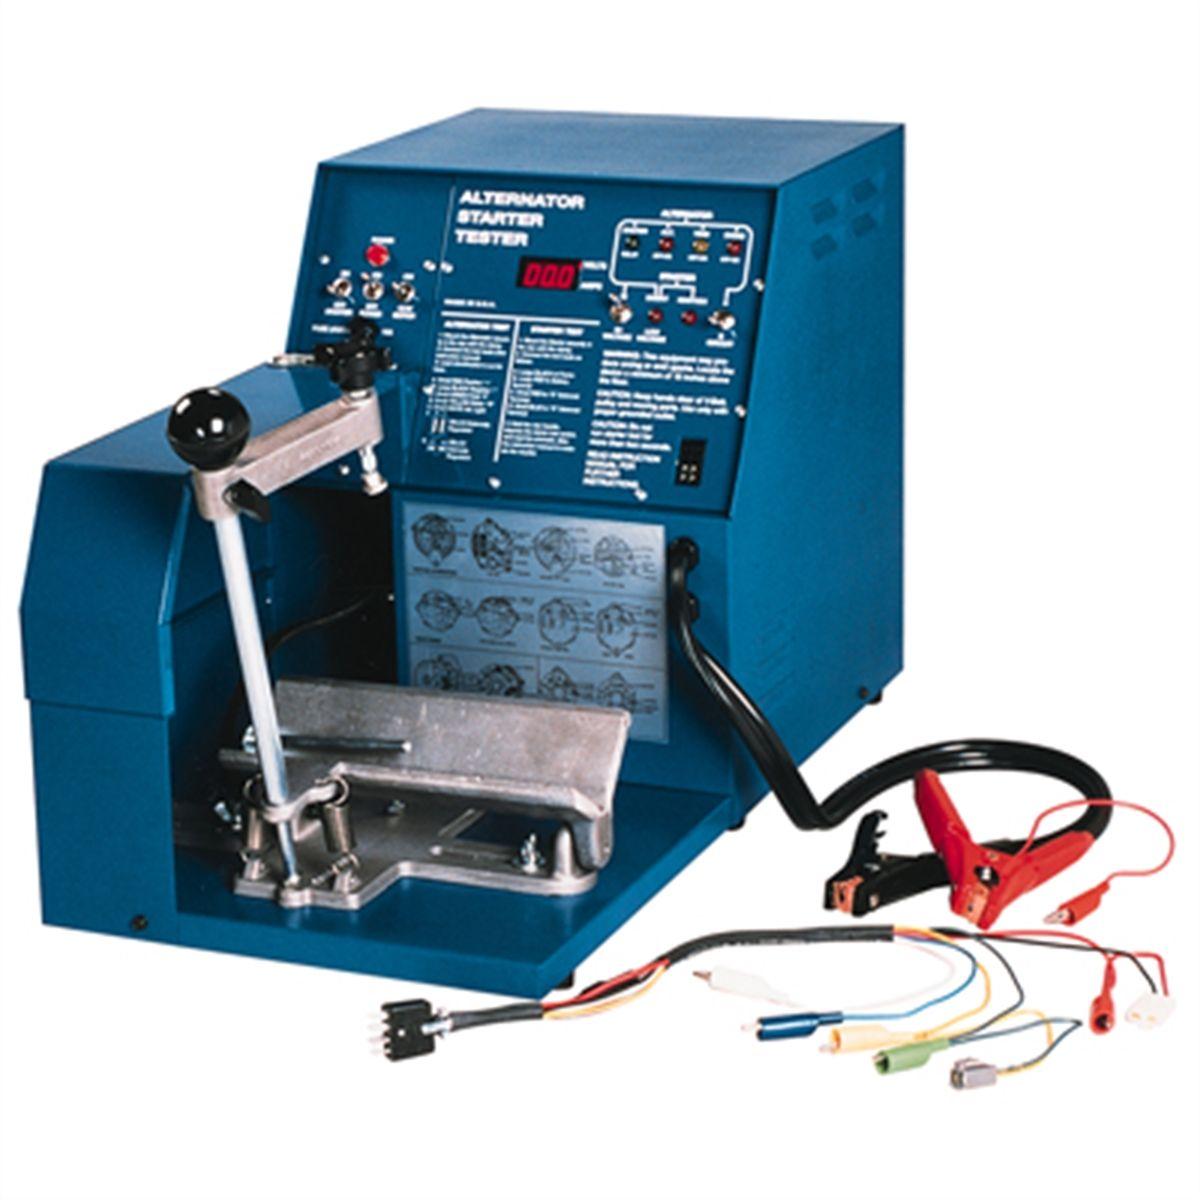 Associated 8600 Bench Alternator / Starter Tester ASO8600